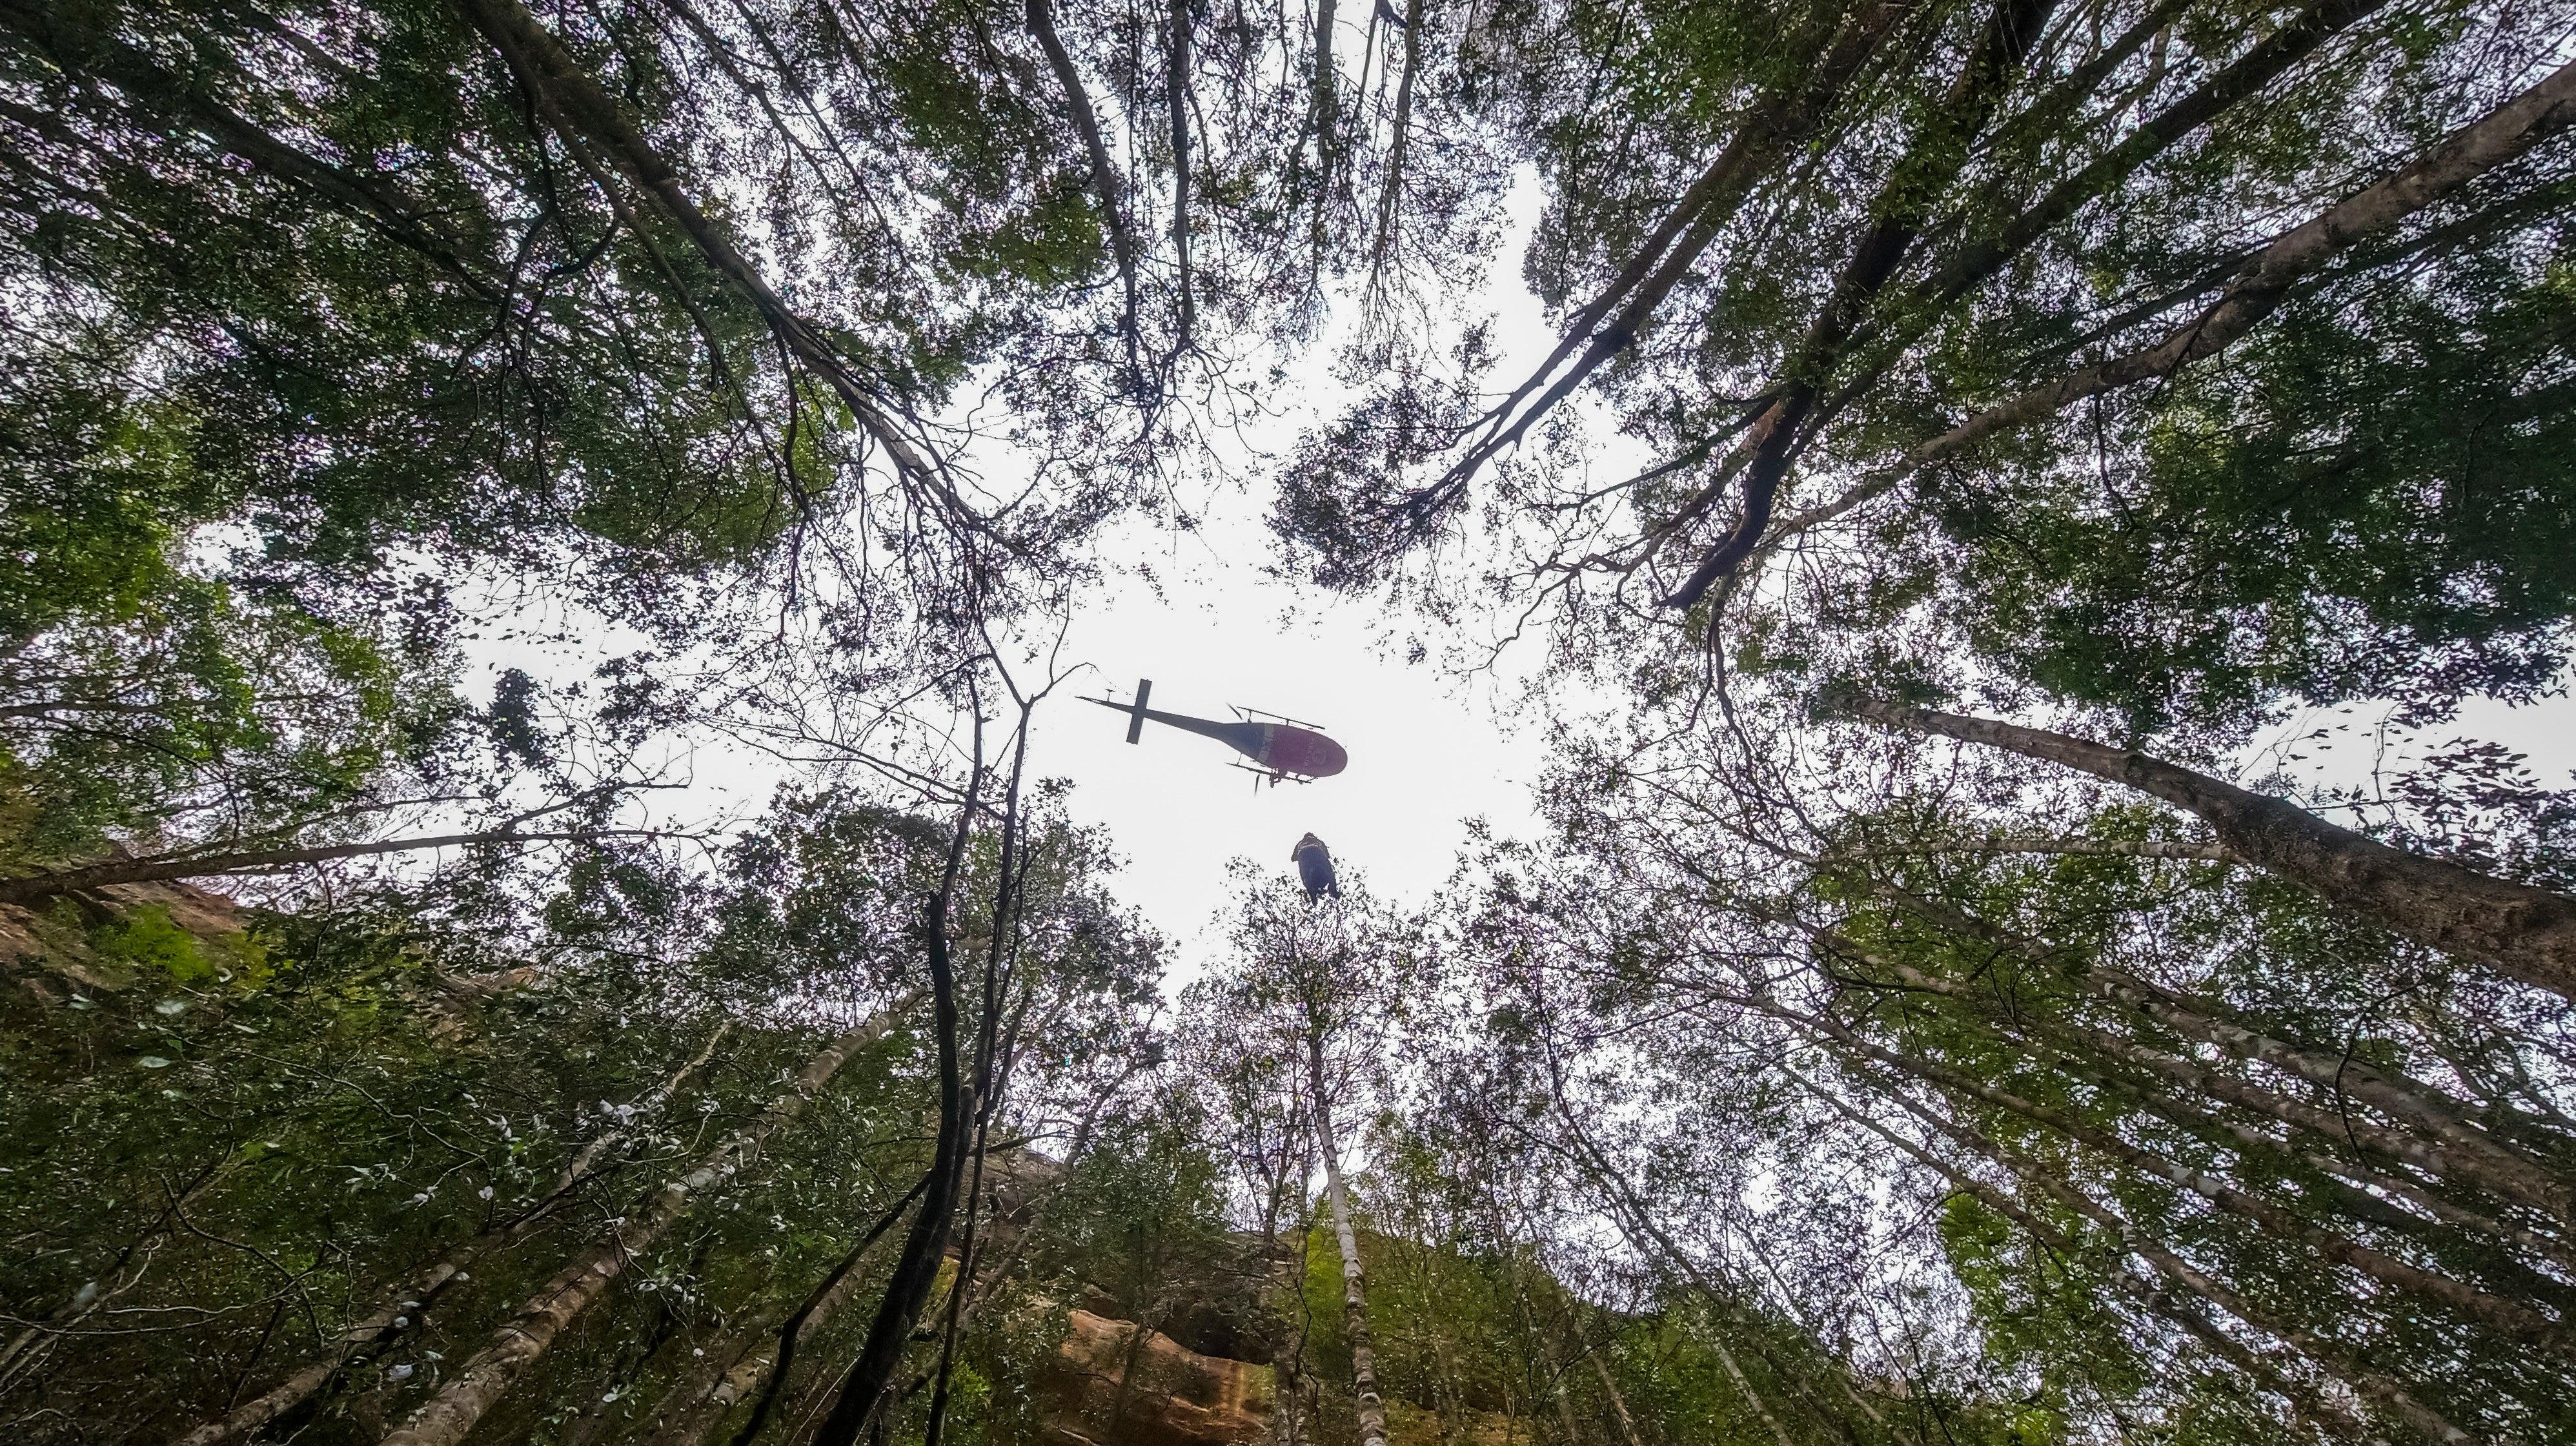 Firefighters Save Australia's Endangered 'Dinosaur Trees' From Raging Bushfires